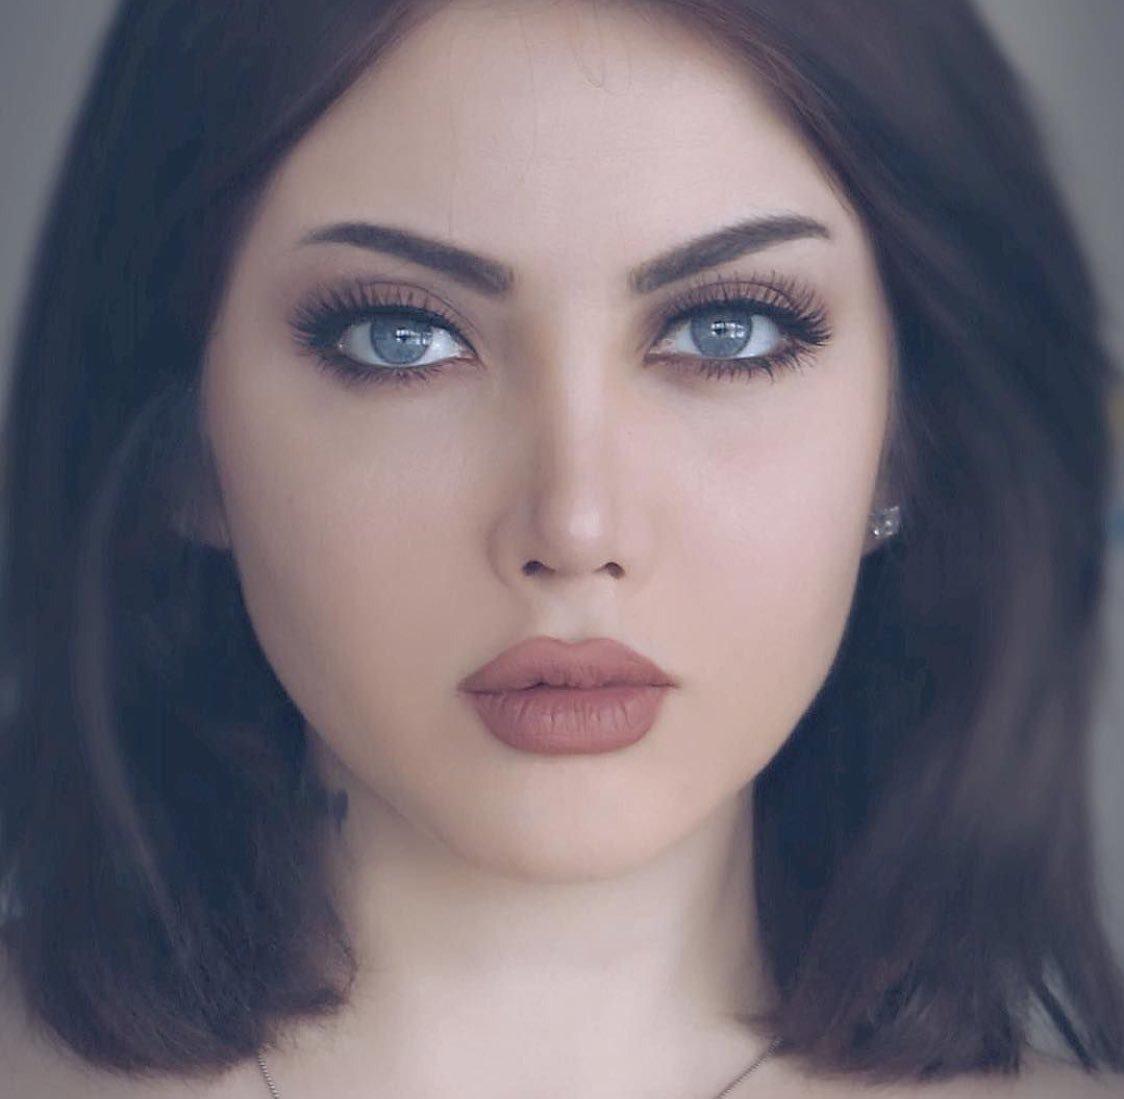 صورة بنات جميلات 2037 1